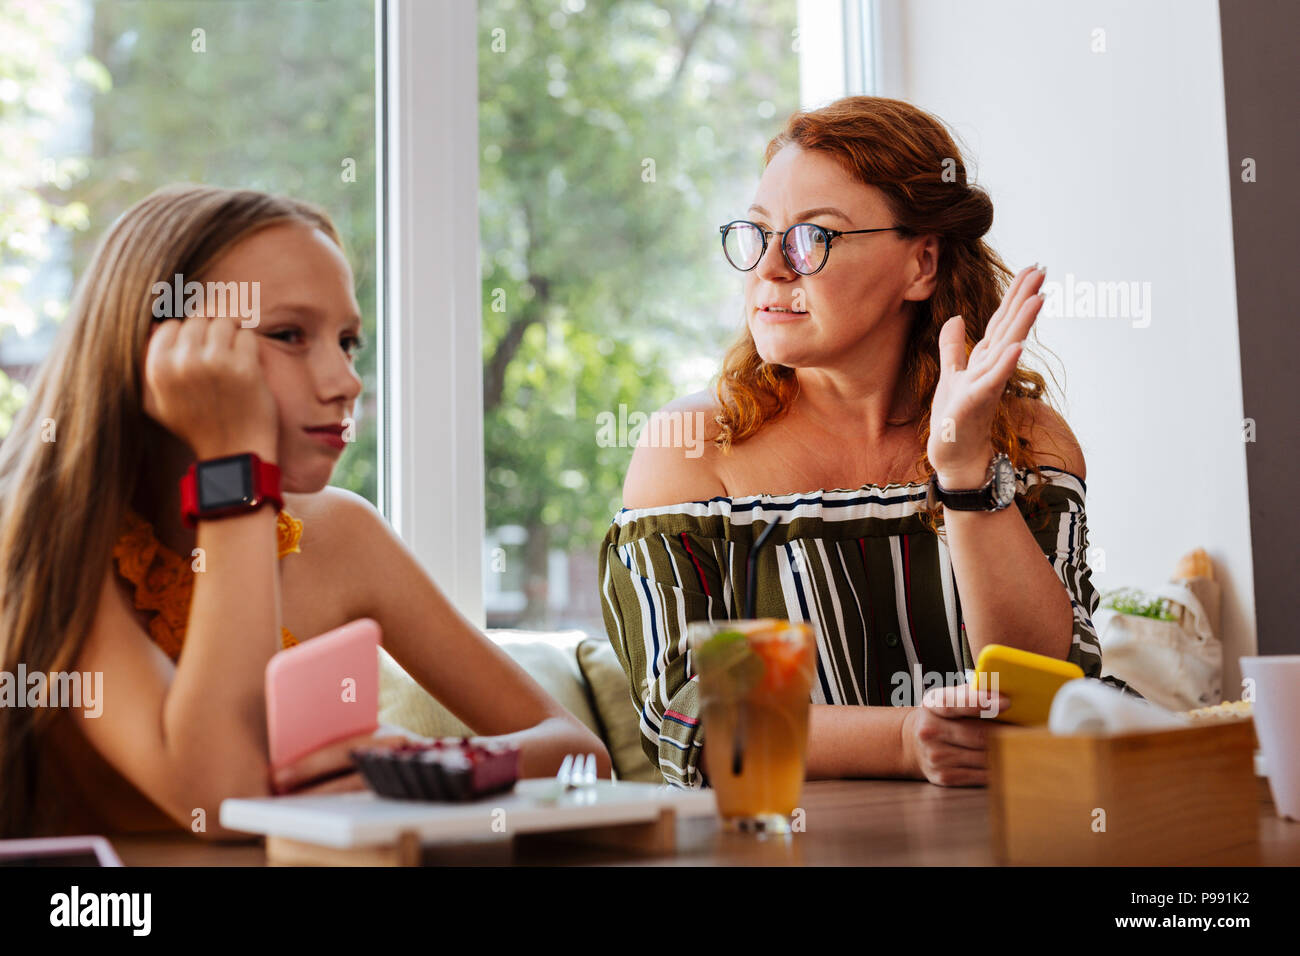 La madre seria con gafas tengan conflicto con su hija Imagen De Stock